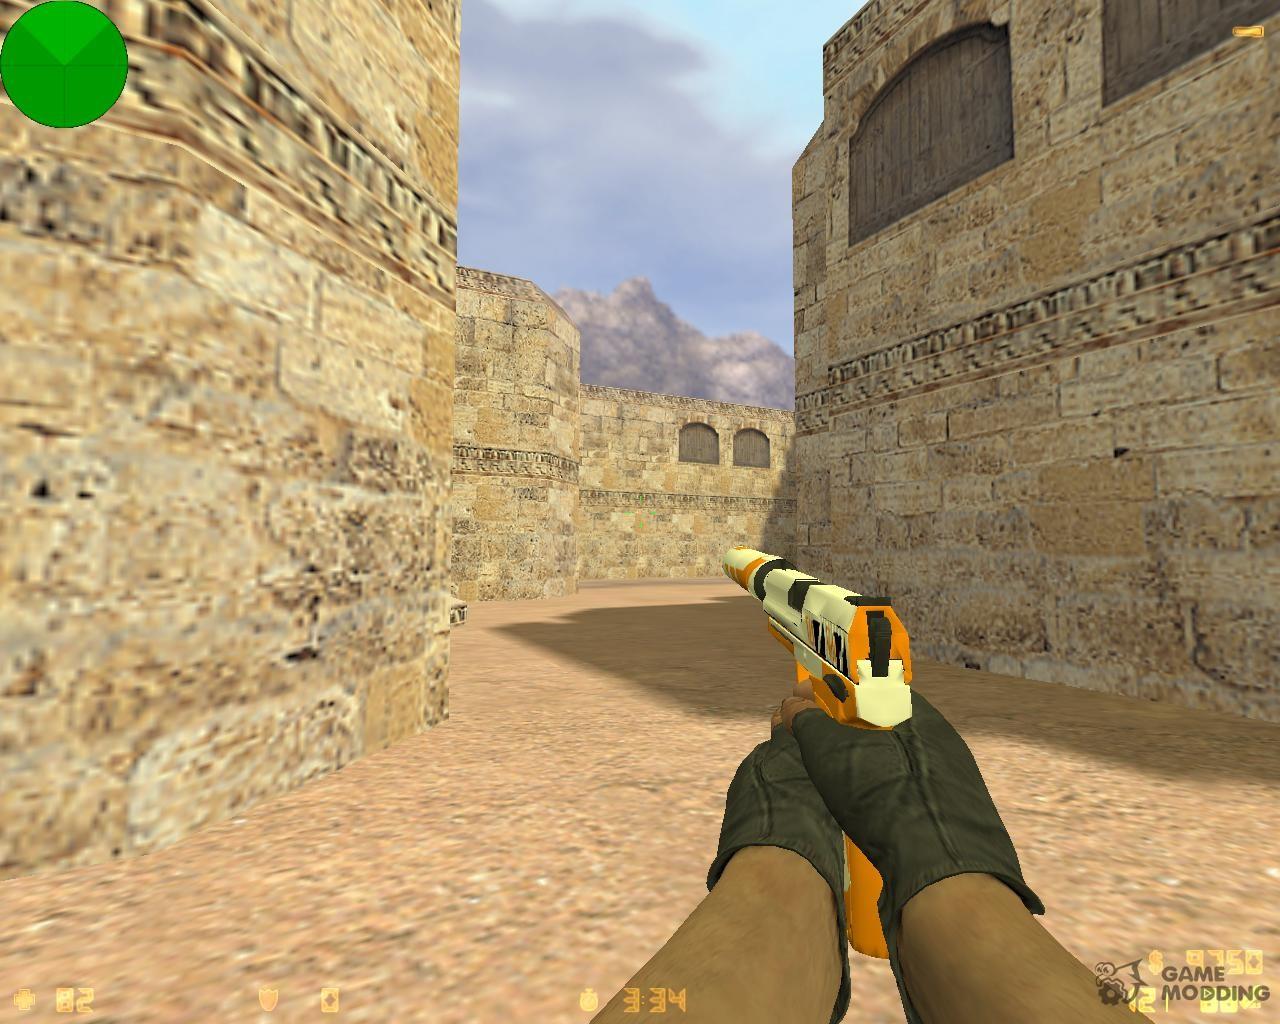 Cs 1 6 pistol skins steam cs go skins price